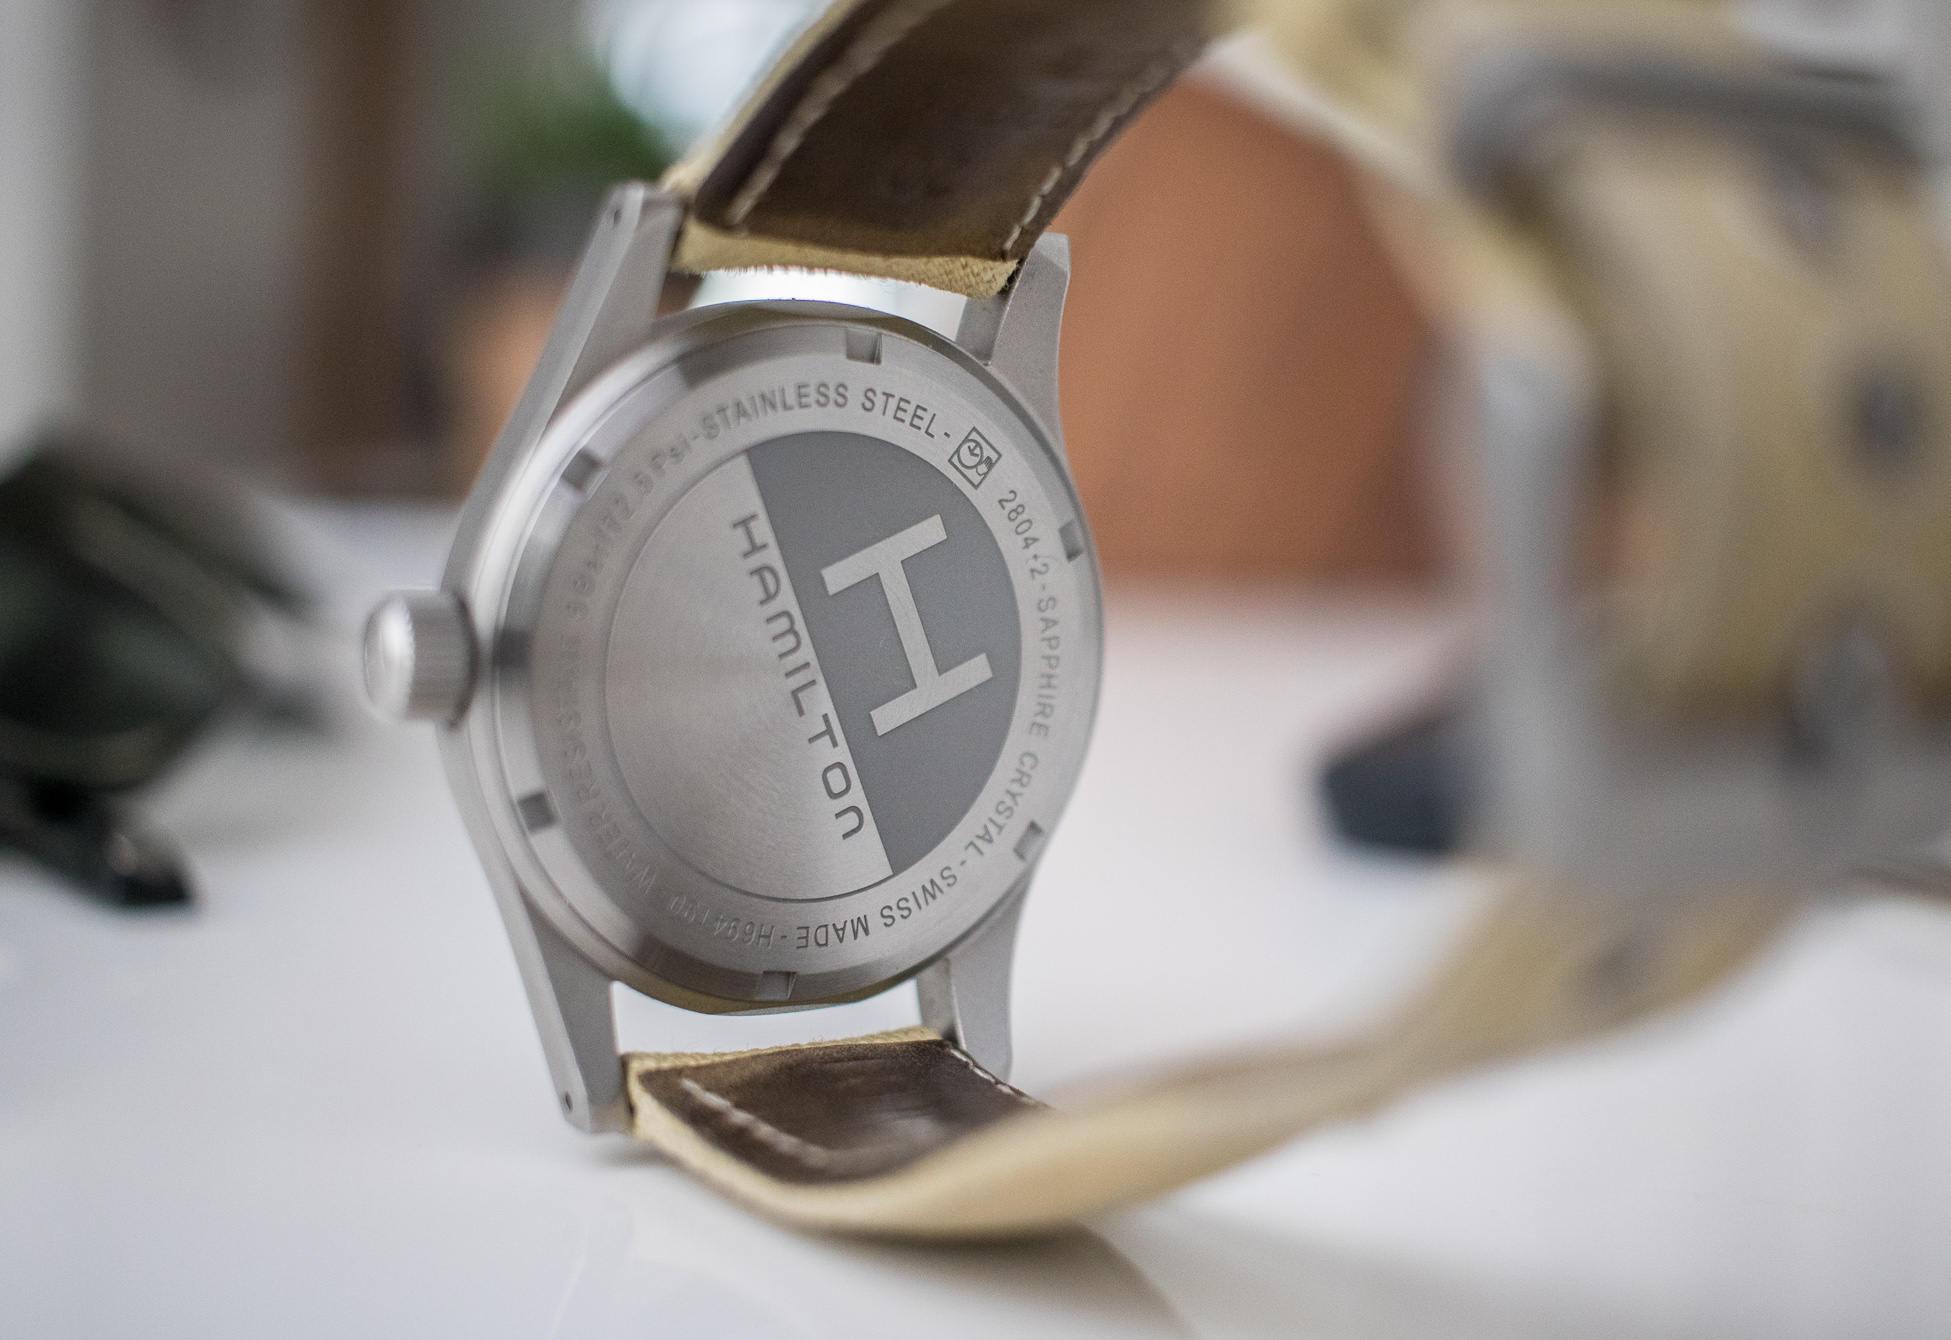 Hamilton Khaki Mechanical watch back view